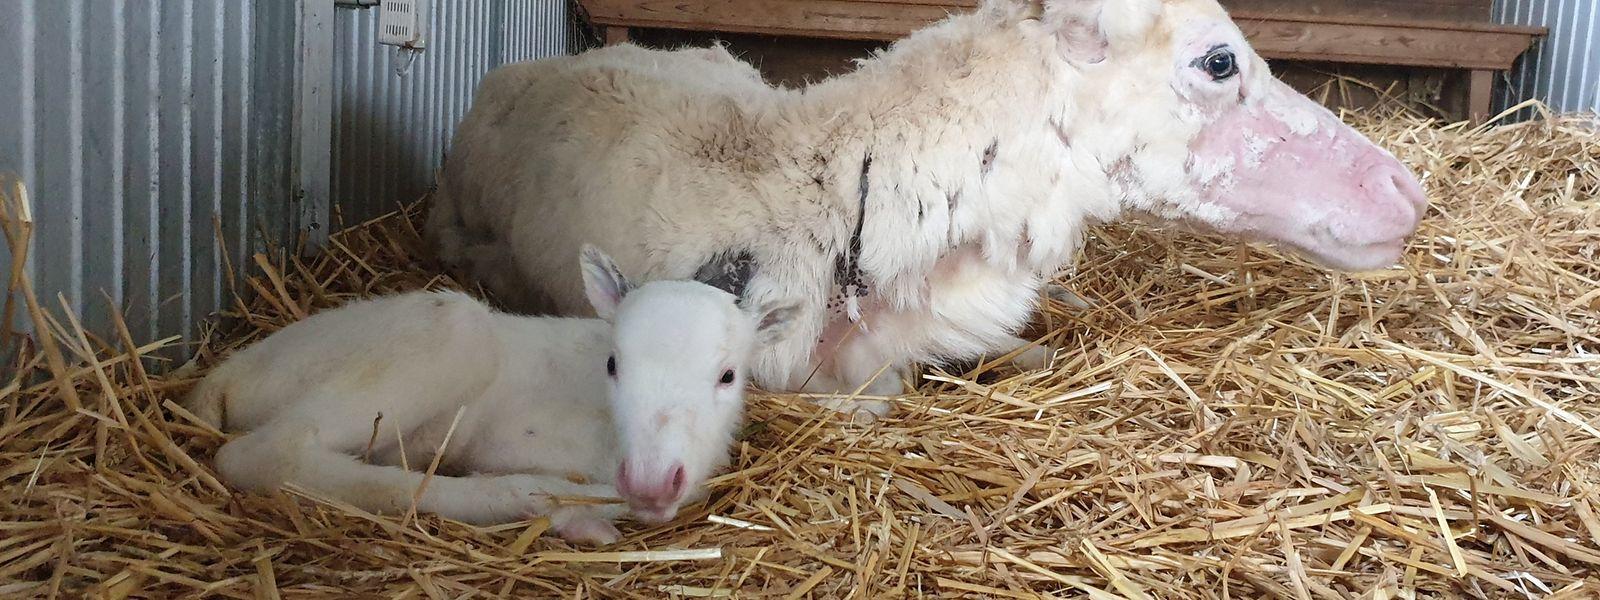 Das weiße Rentierbaby Nala liegt vor seiner Mutter auf Stroh in einem Stall der Rentieralm. Das Tier wurde am 09.06.2020 geboren.